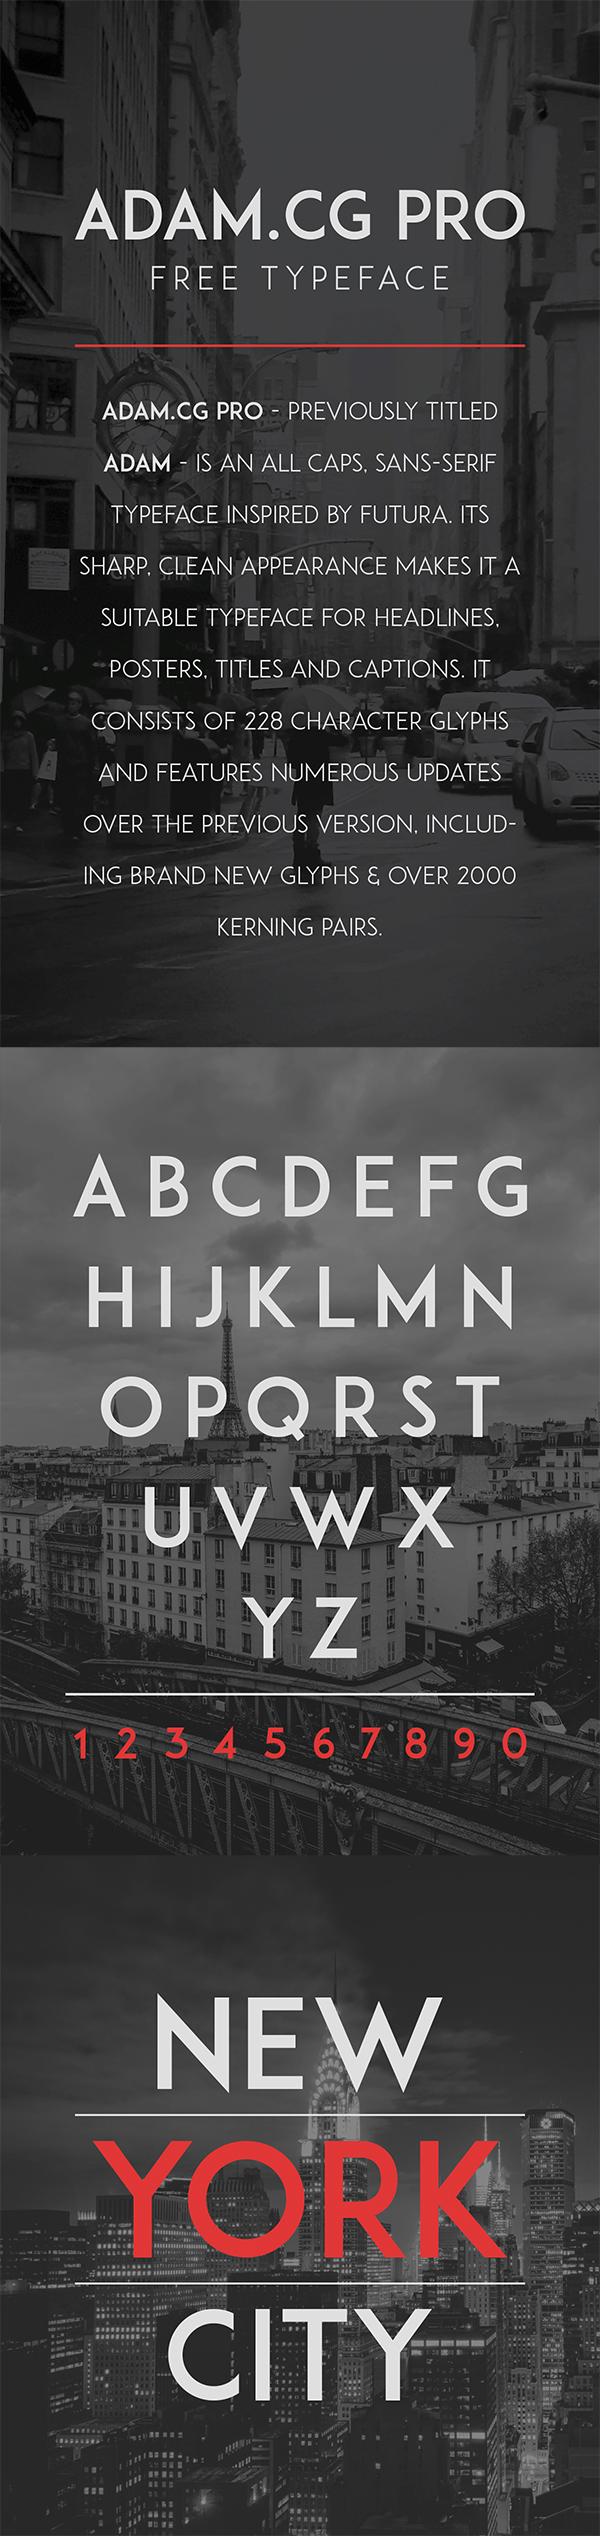 07 Adam.cg Pro Free Typeface